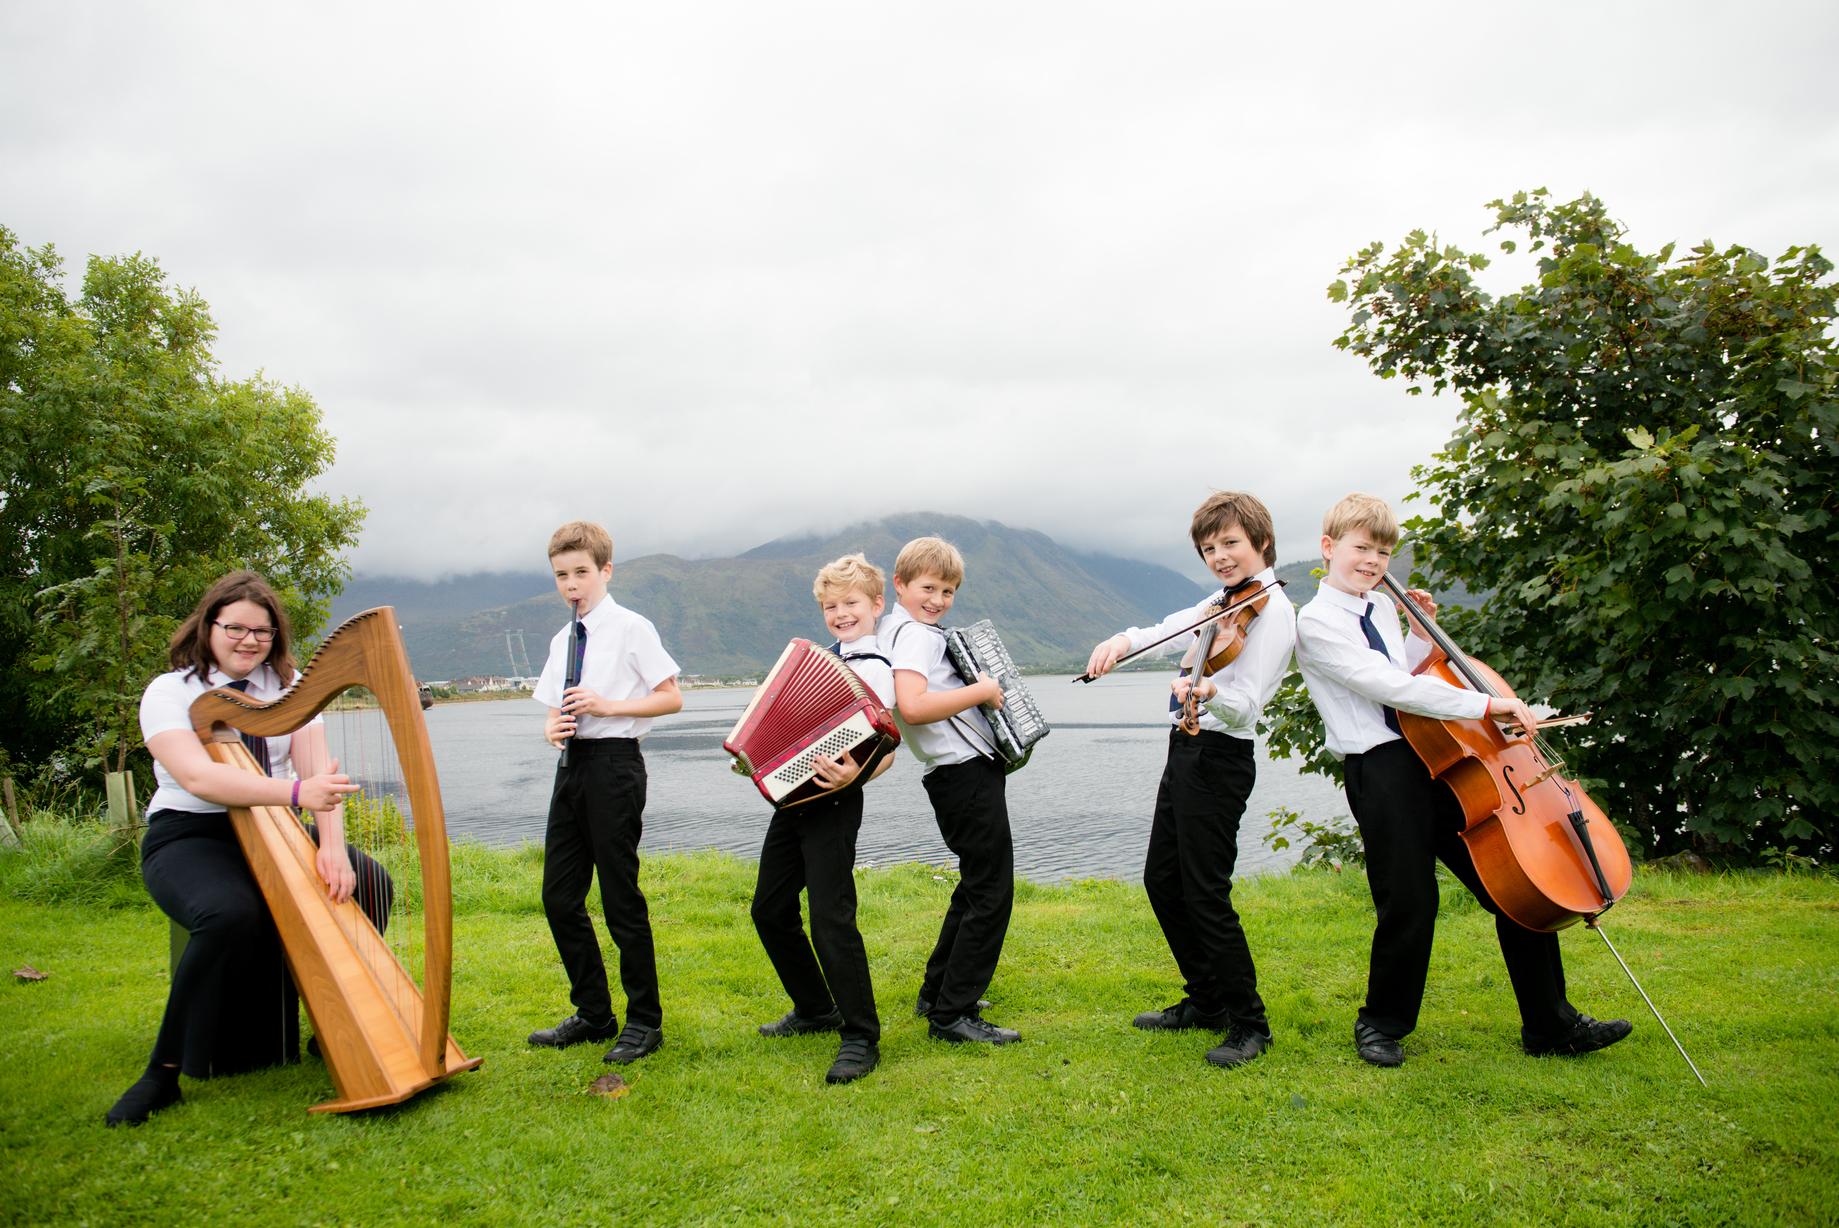 (L-R) Ciara MacDonald (11), Owen MacRaild (9), Shane O'Rua (10), Arran Stephen (10), Seumas MacFarlane (10), Seumas Stevenson (9)